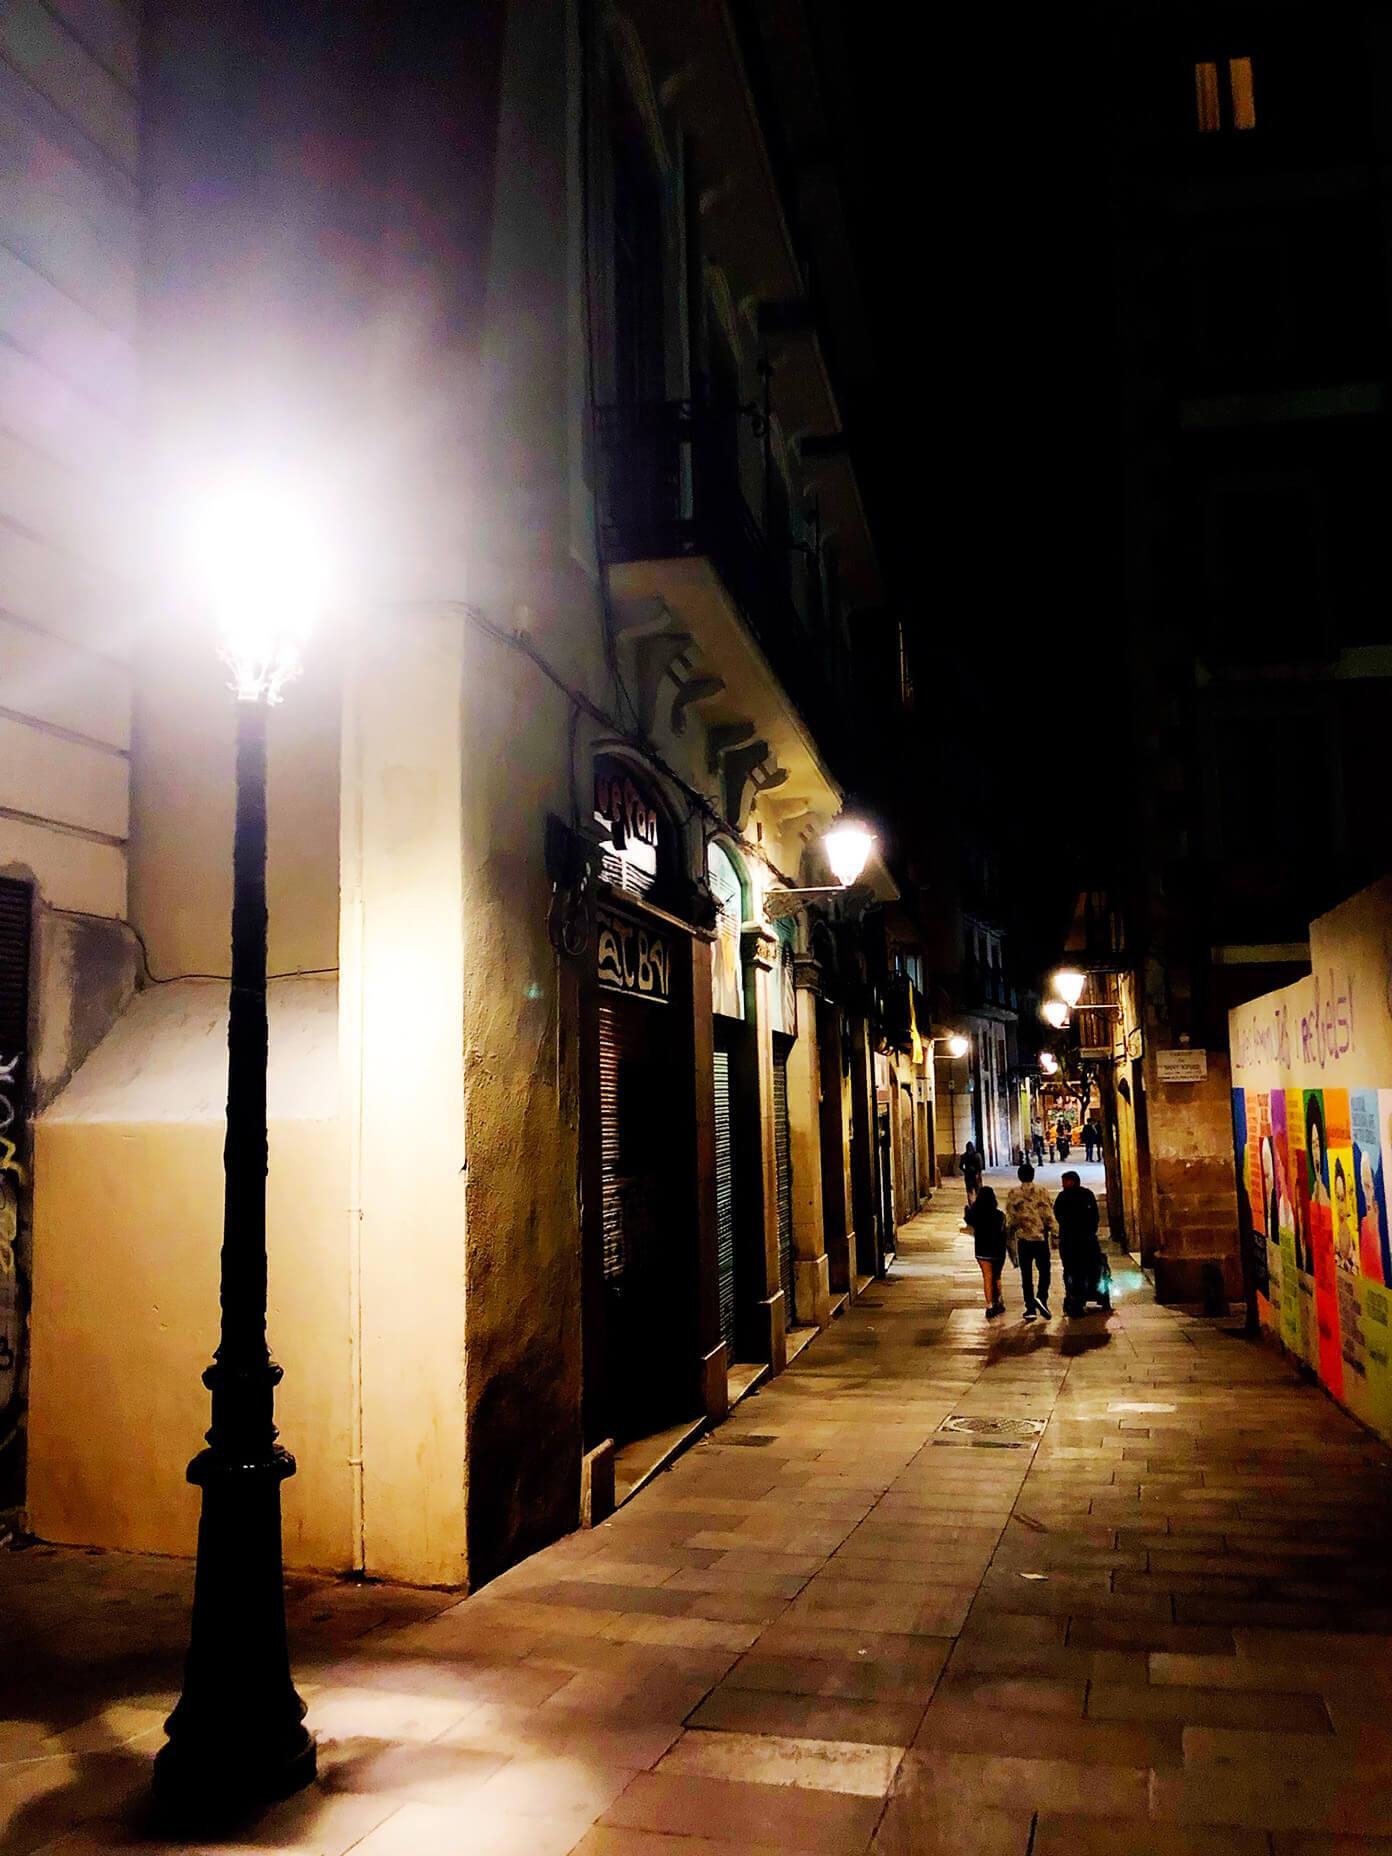 El Born at night